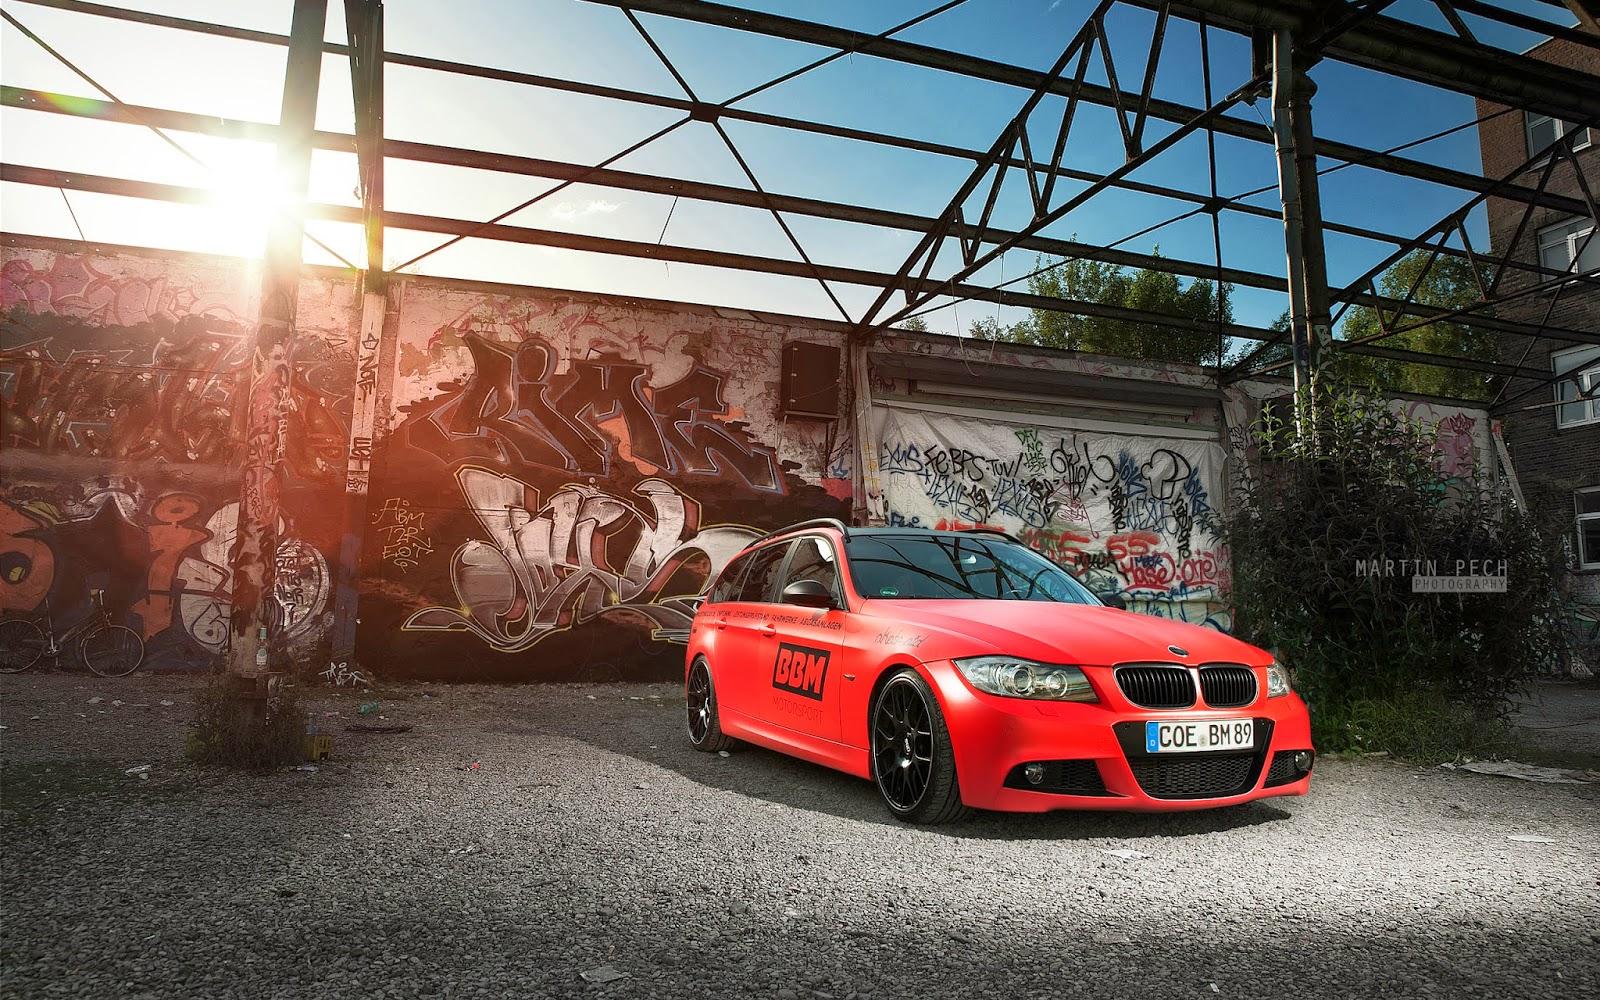 """<img src=""""http://1.bp.blogspot.com/-EfsIwBweYF8/UzM0qk6MhSI/AAAAAAAALN8/CDDVUbXez9g/s1600/2013-bmw-wallpaper.jpg"""" alt=""""BMW Wallpapers"""" />"""